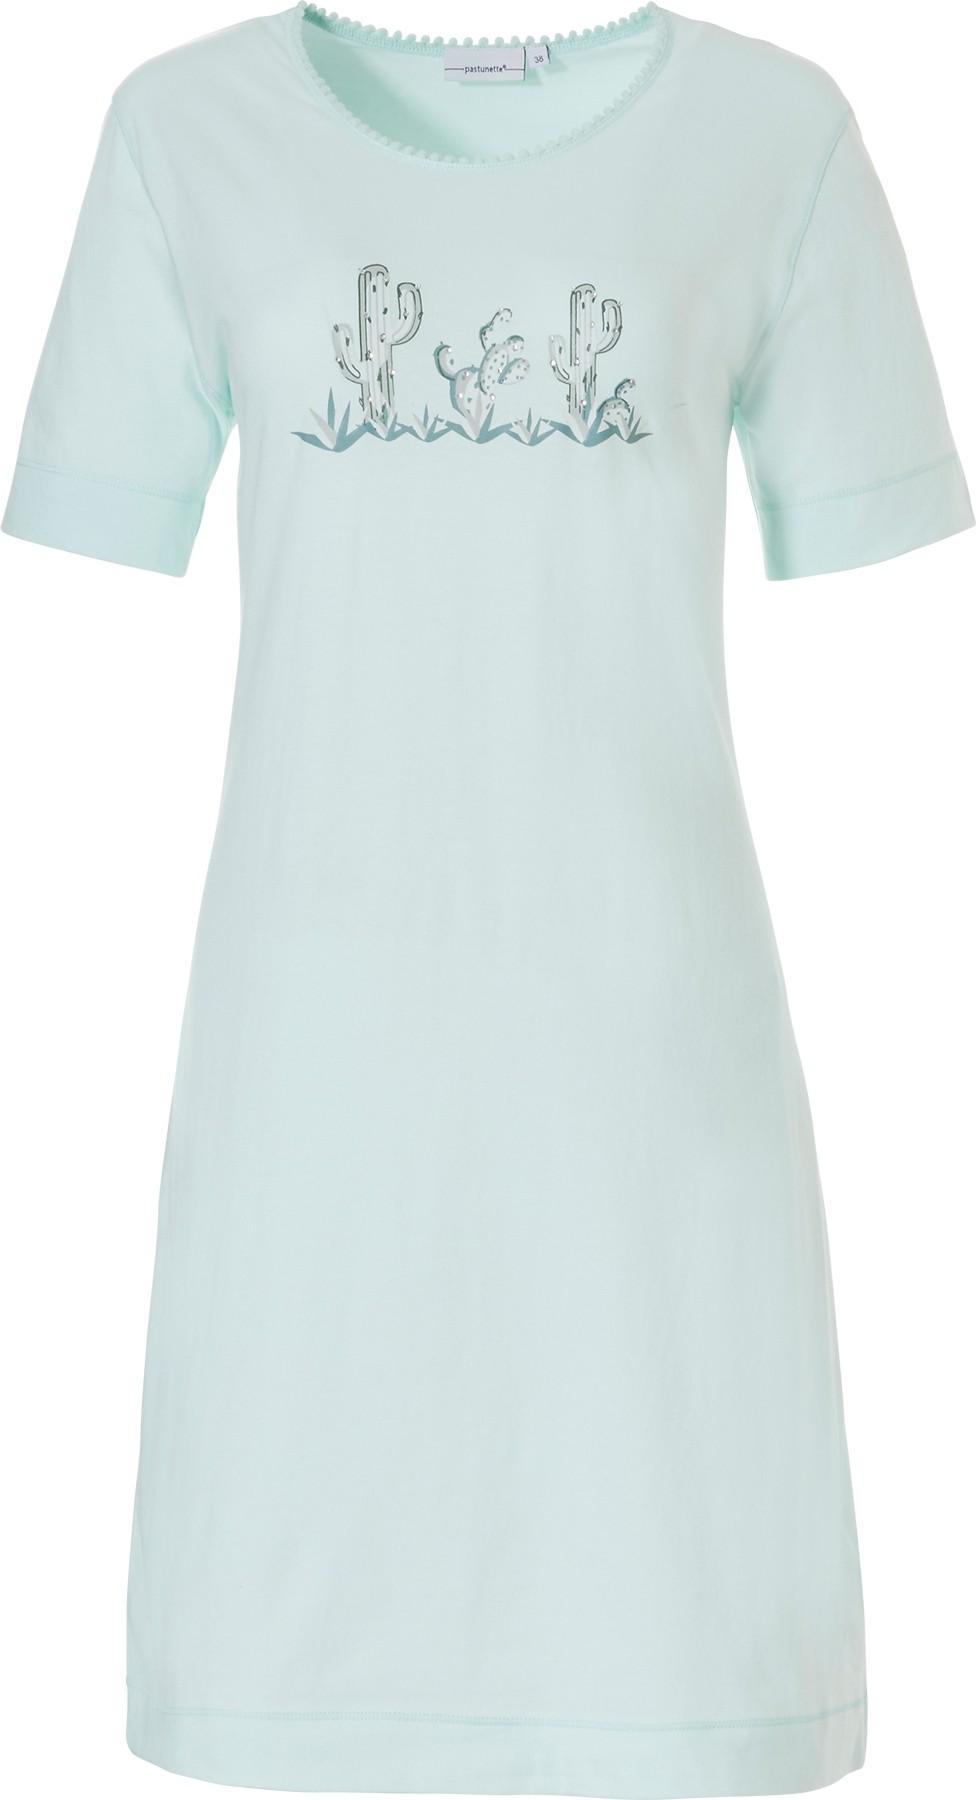 Dames nachthemd Pastunette 10191-160-2-36